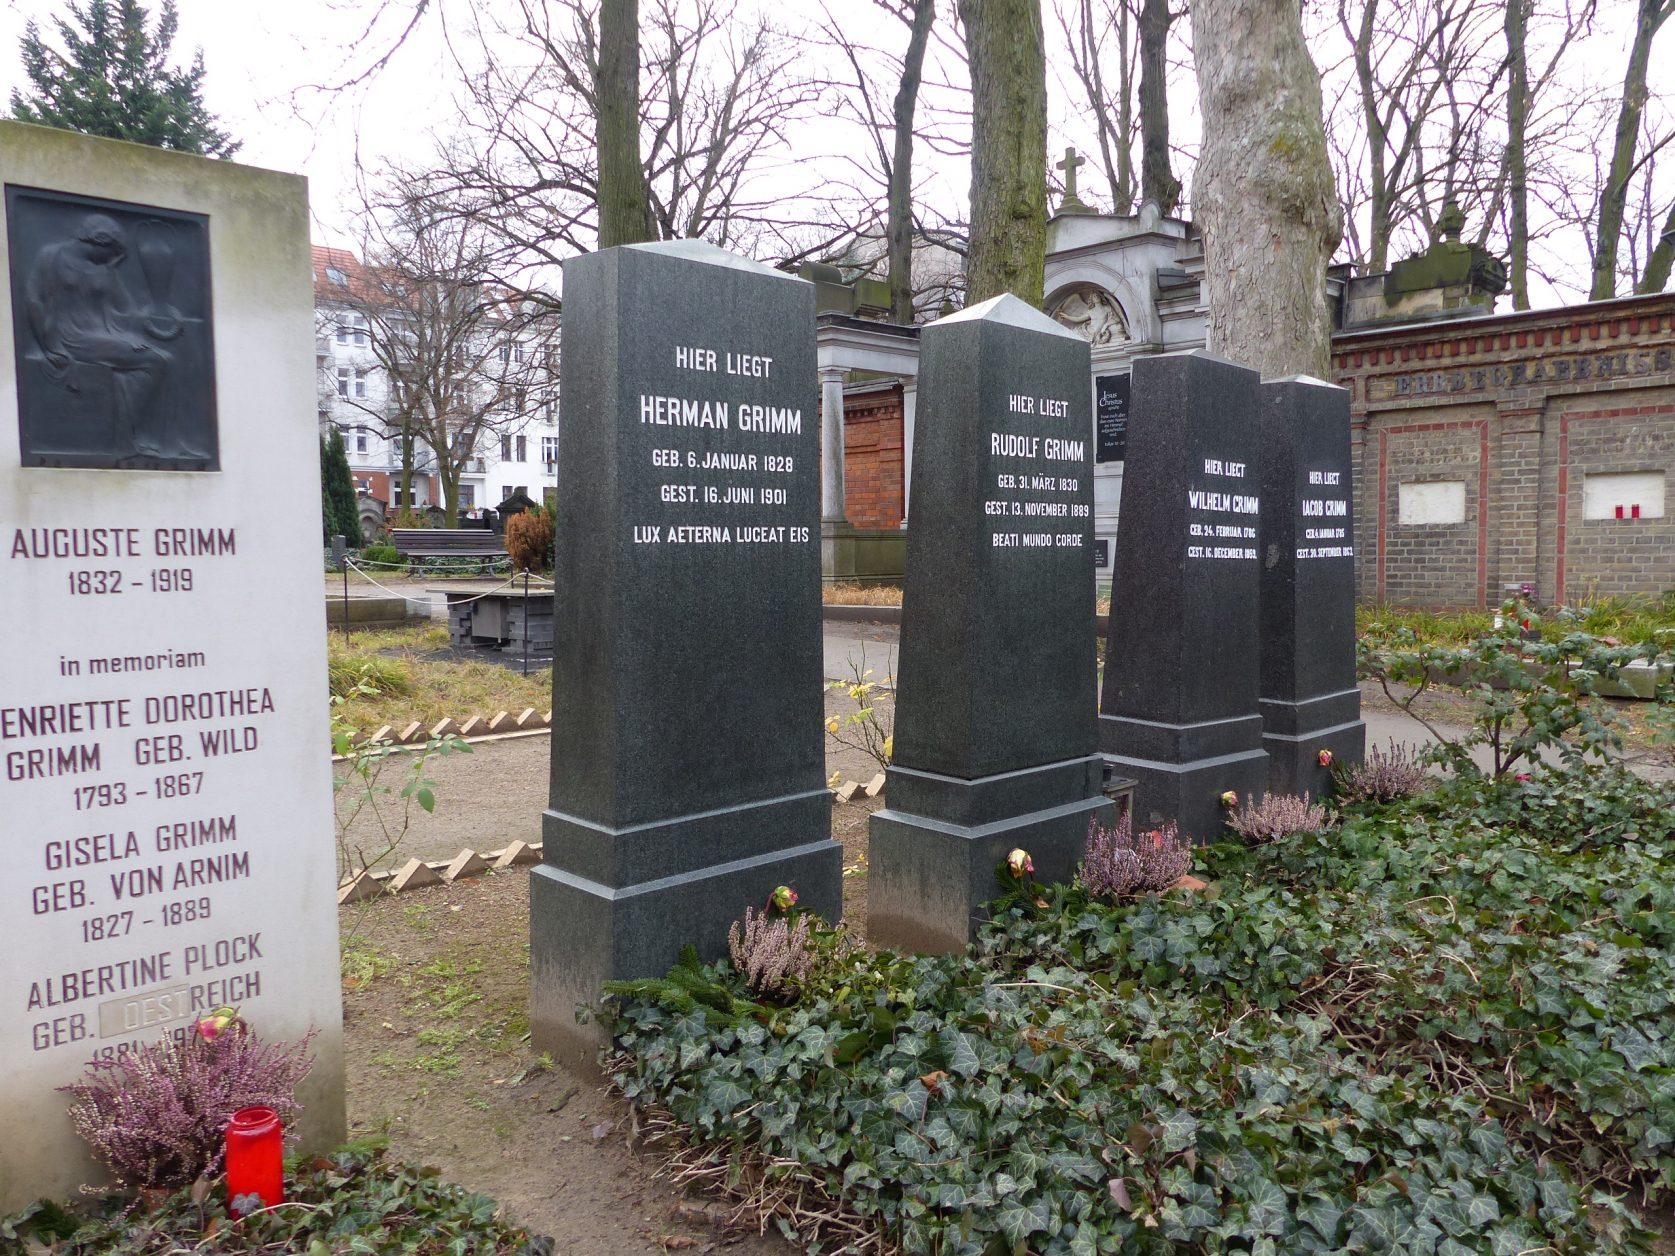 Gräber für Auguste Grimm, Jacob und Wilhelm Grimm sowie deren Söhne